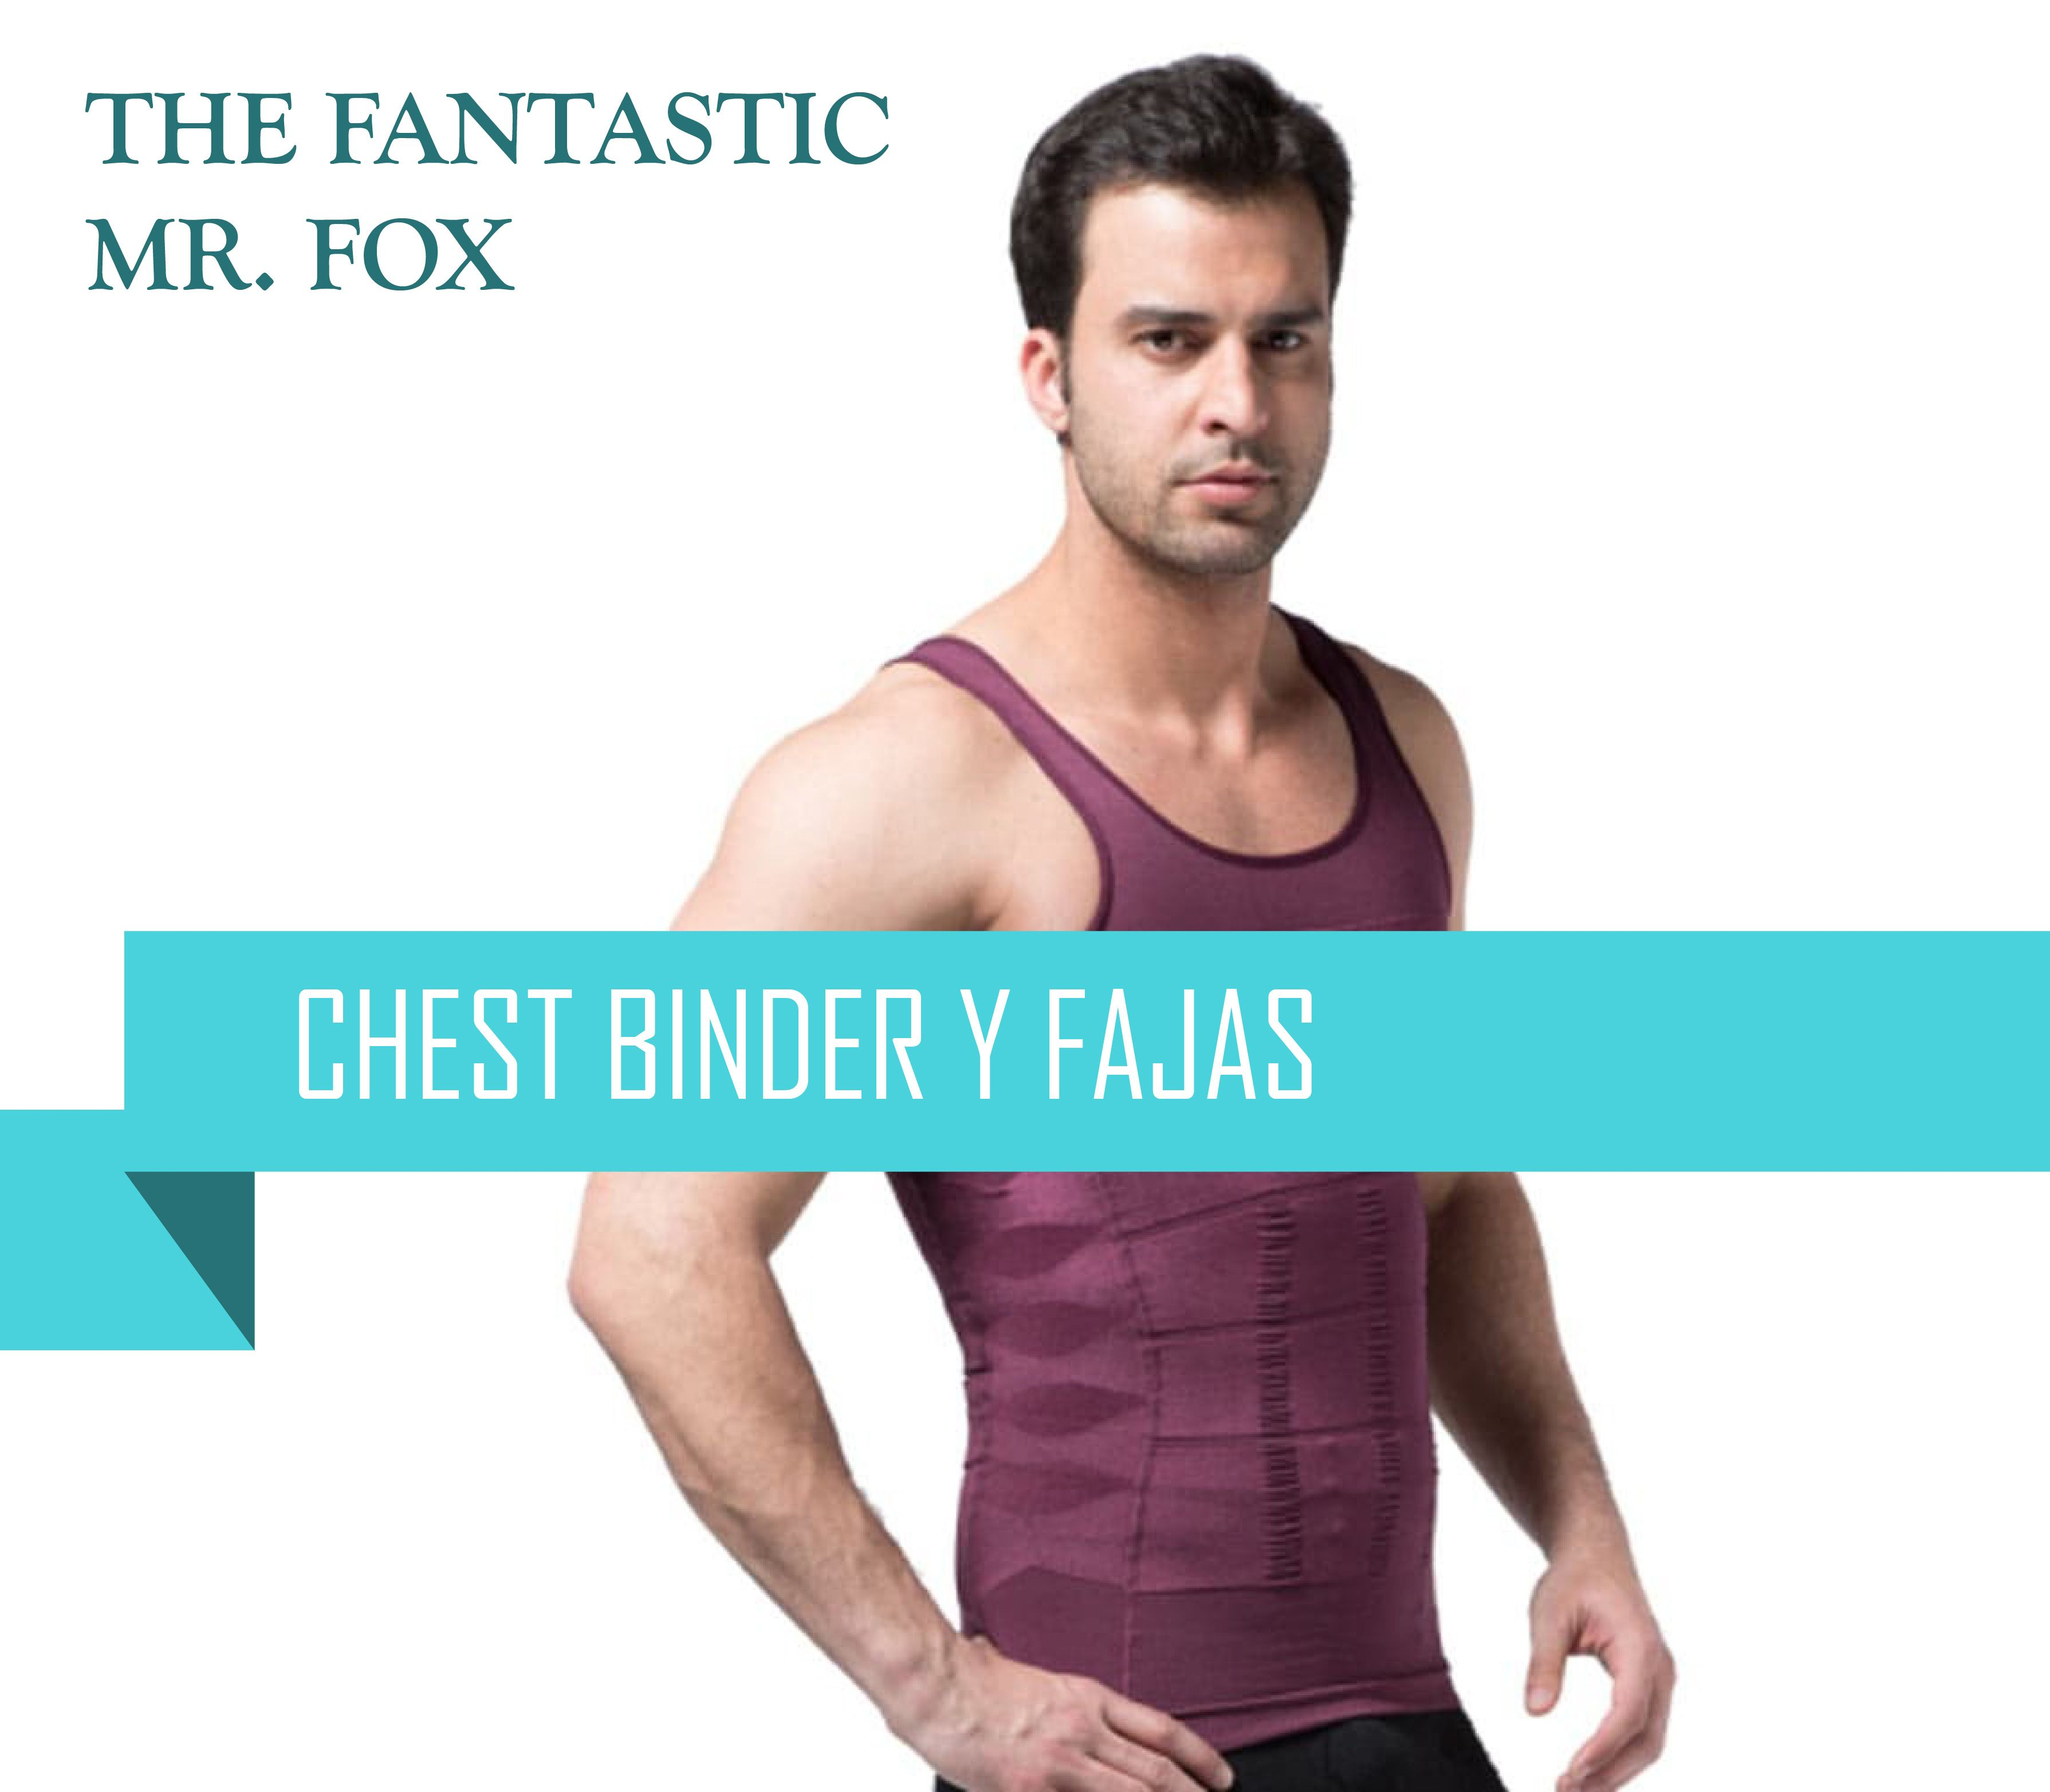 Revisa la guía más completa de chest binder y fajas para chicos trans! http: